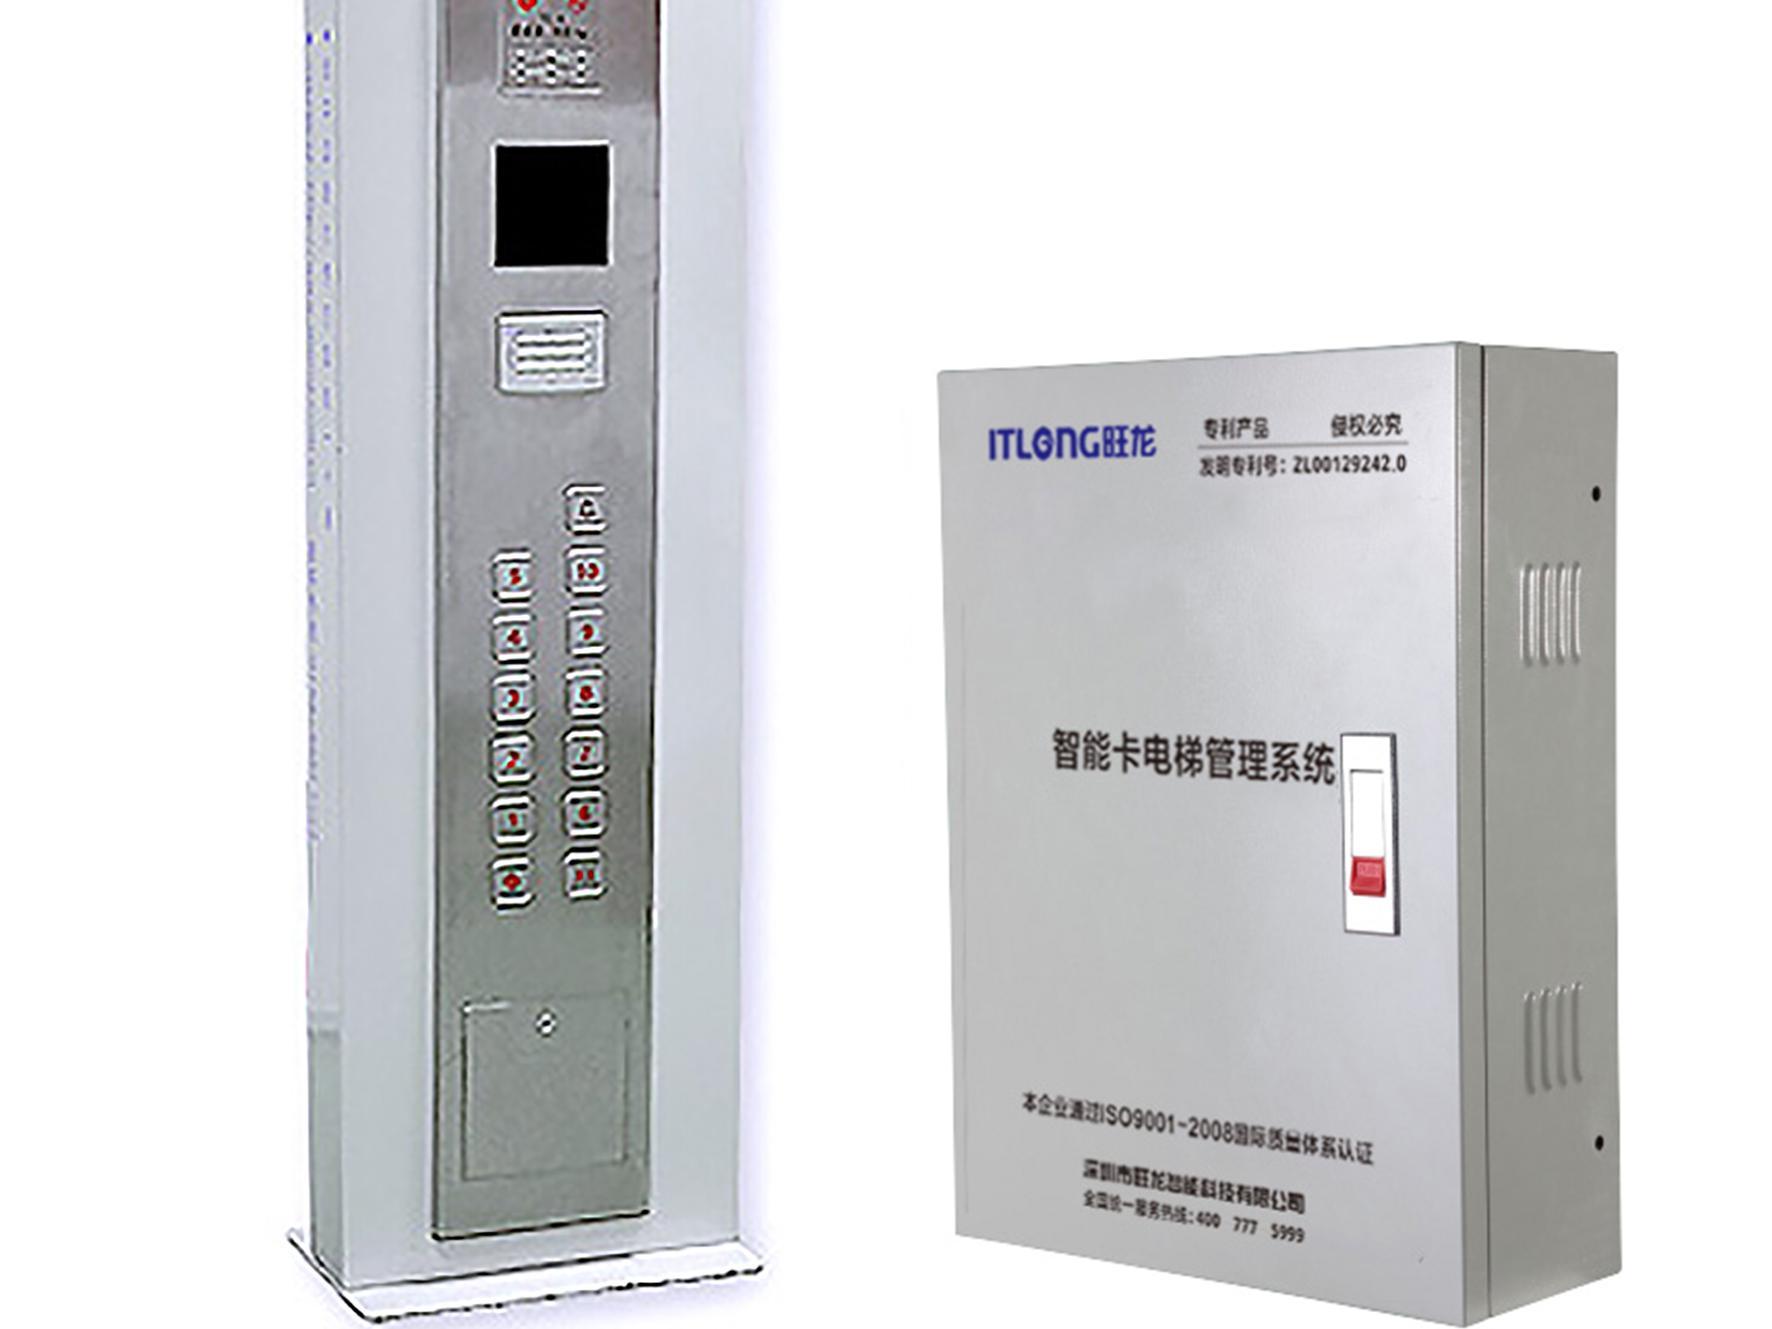 ic卡电梯梯控系统安装步骤